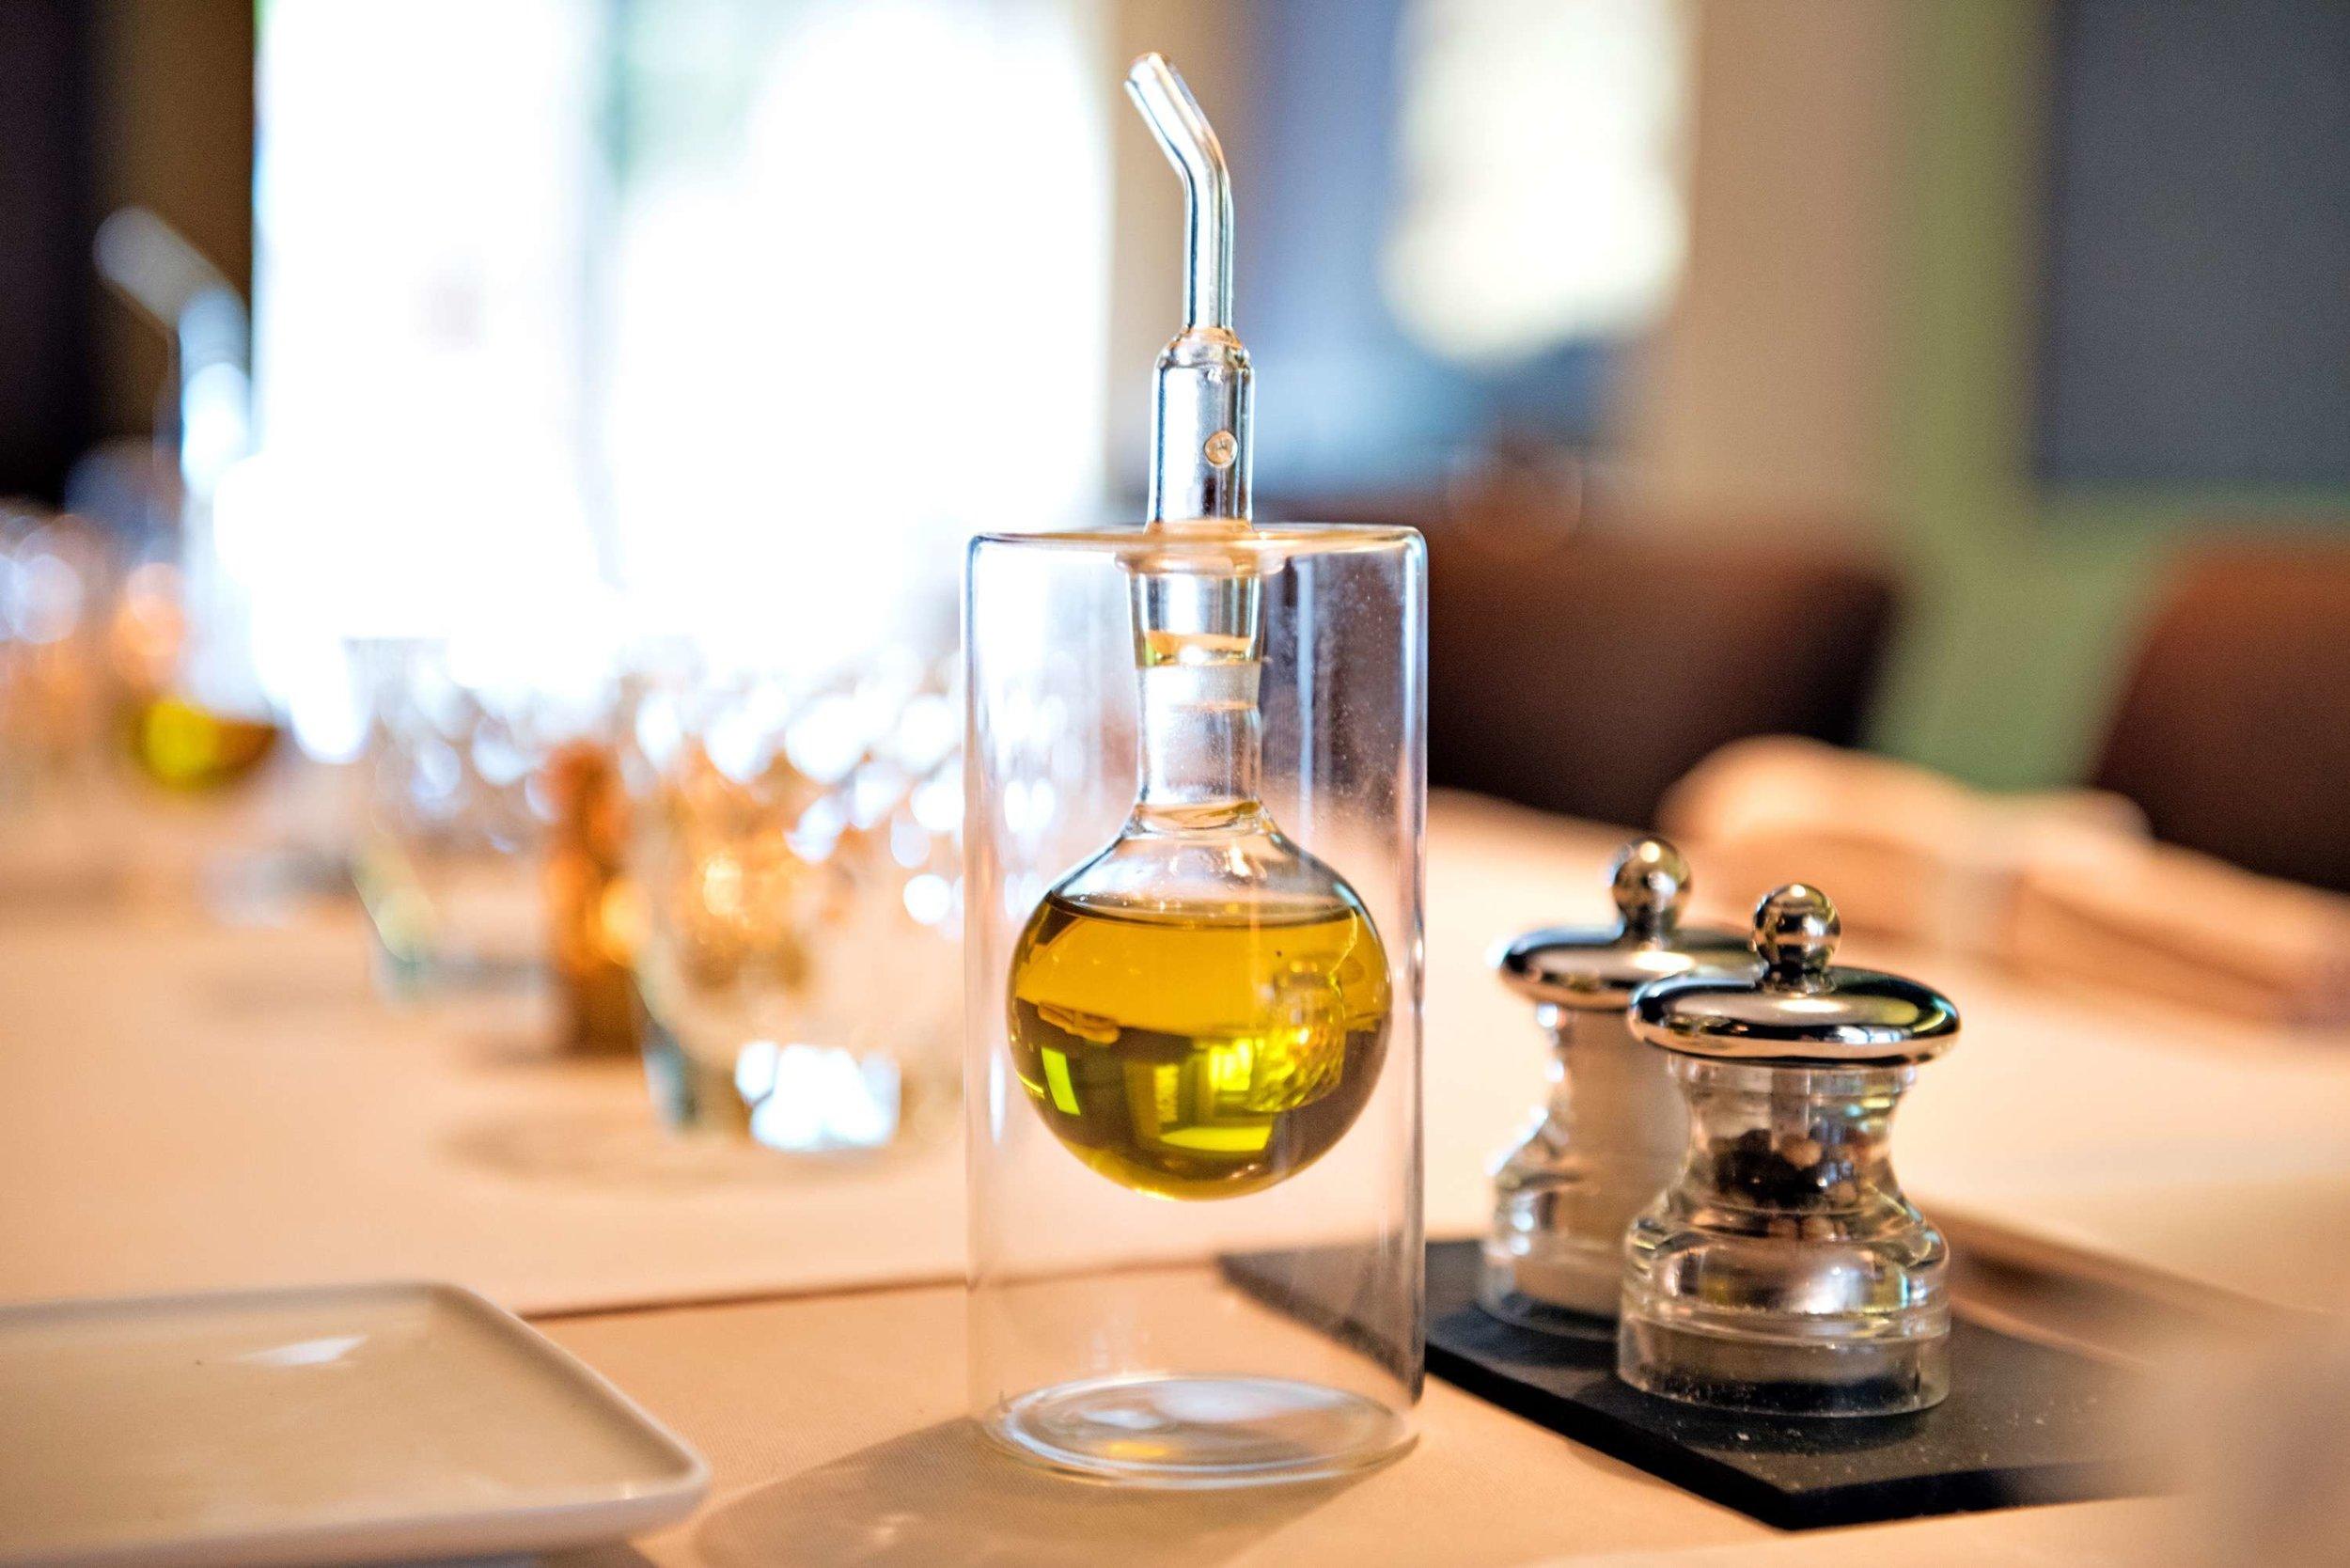 bouffard mol restaurant bart albrecht tablefever 10.jpg